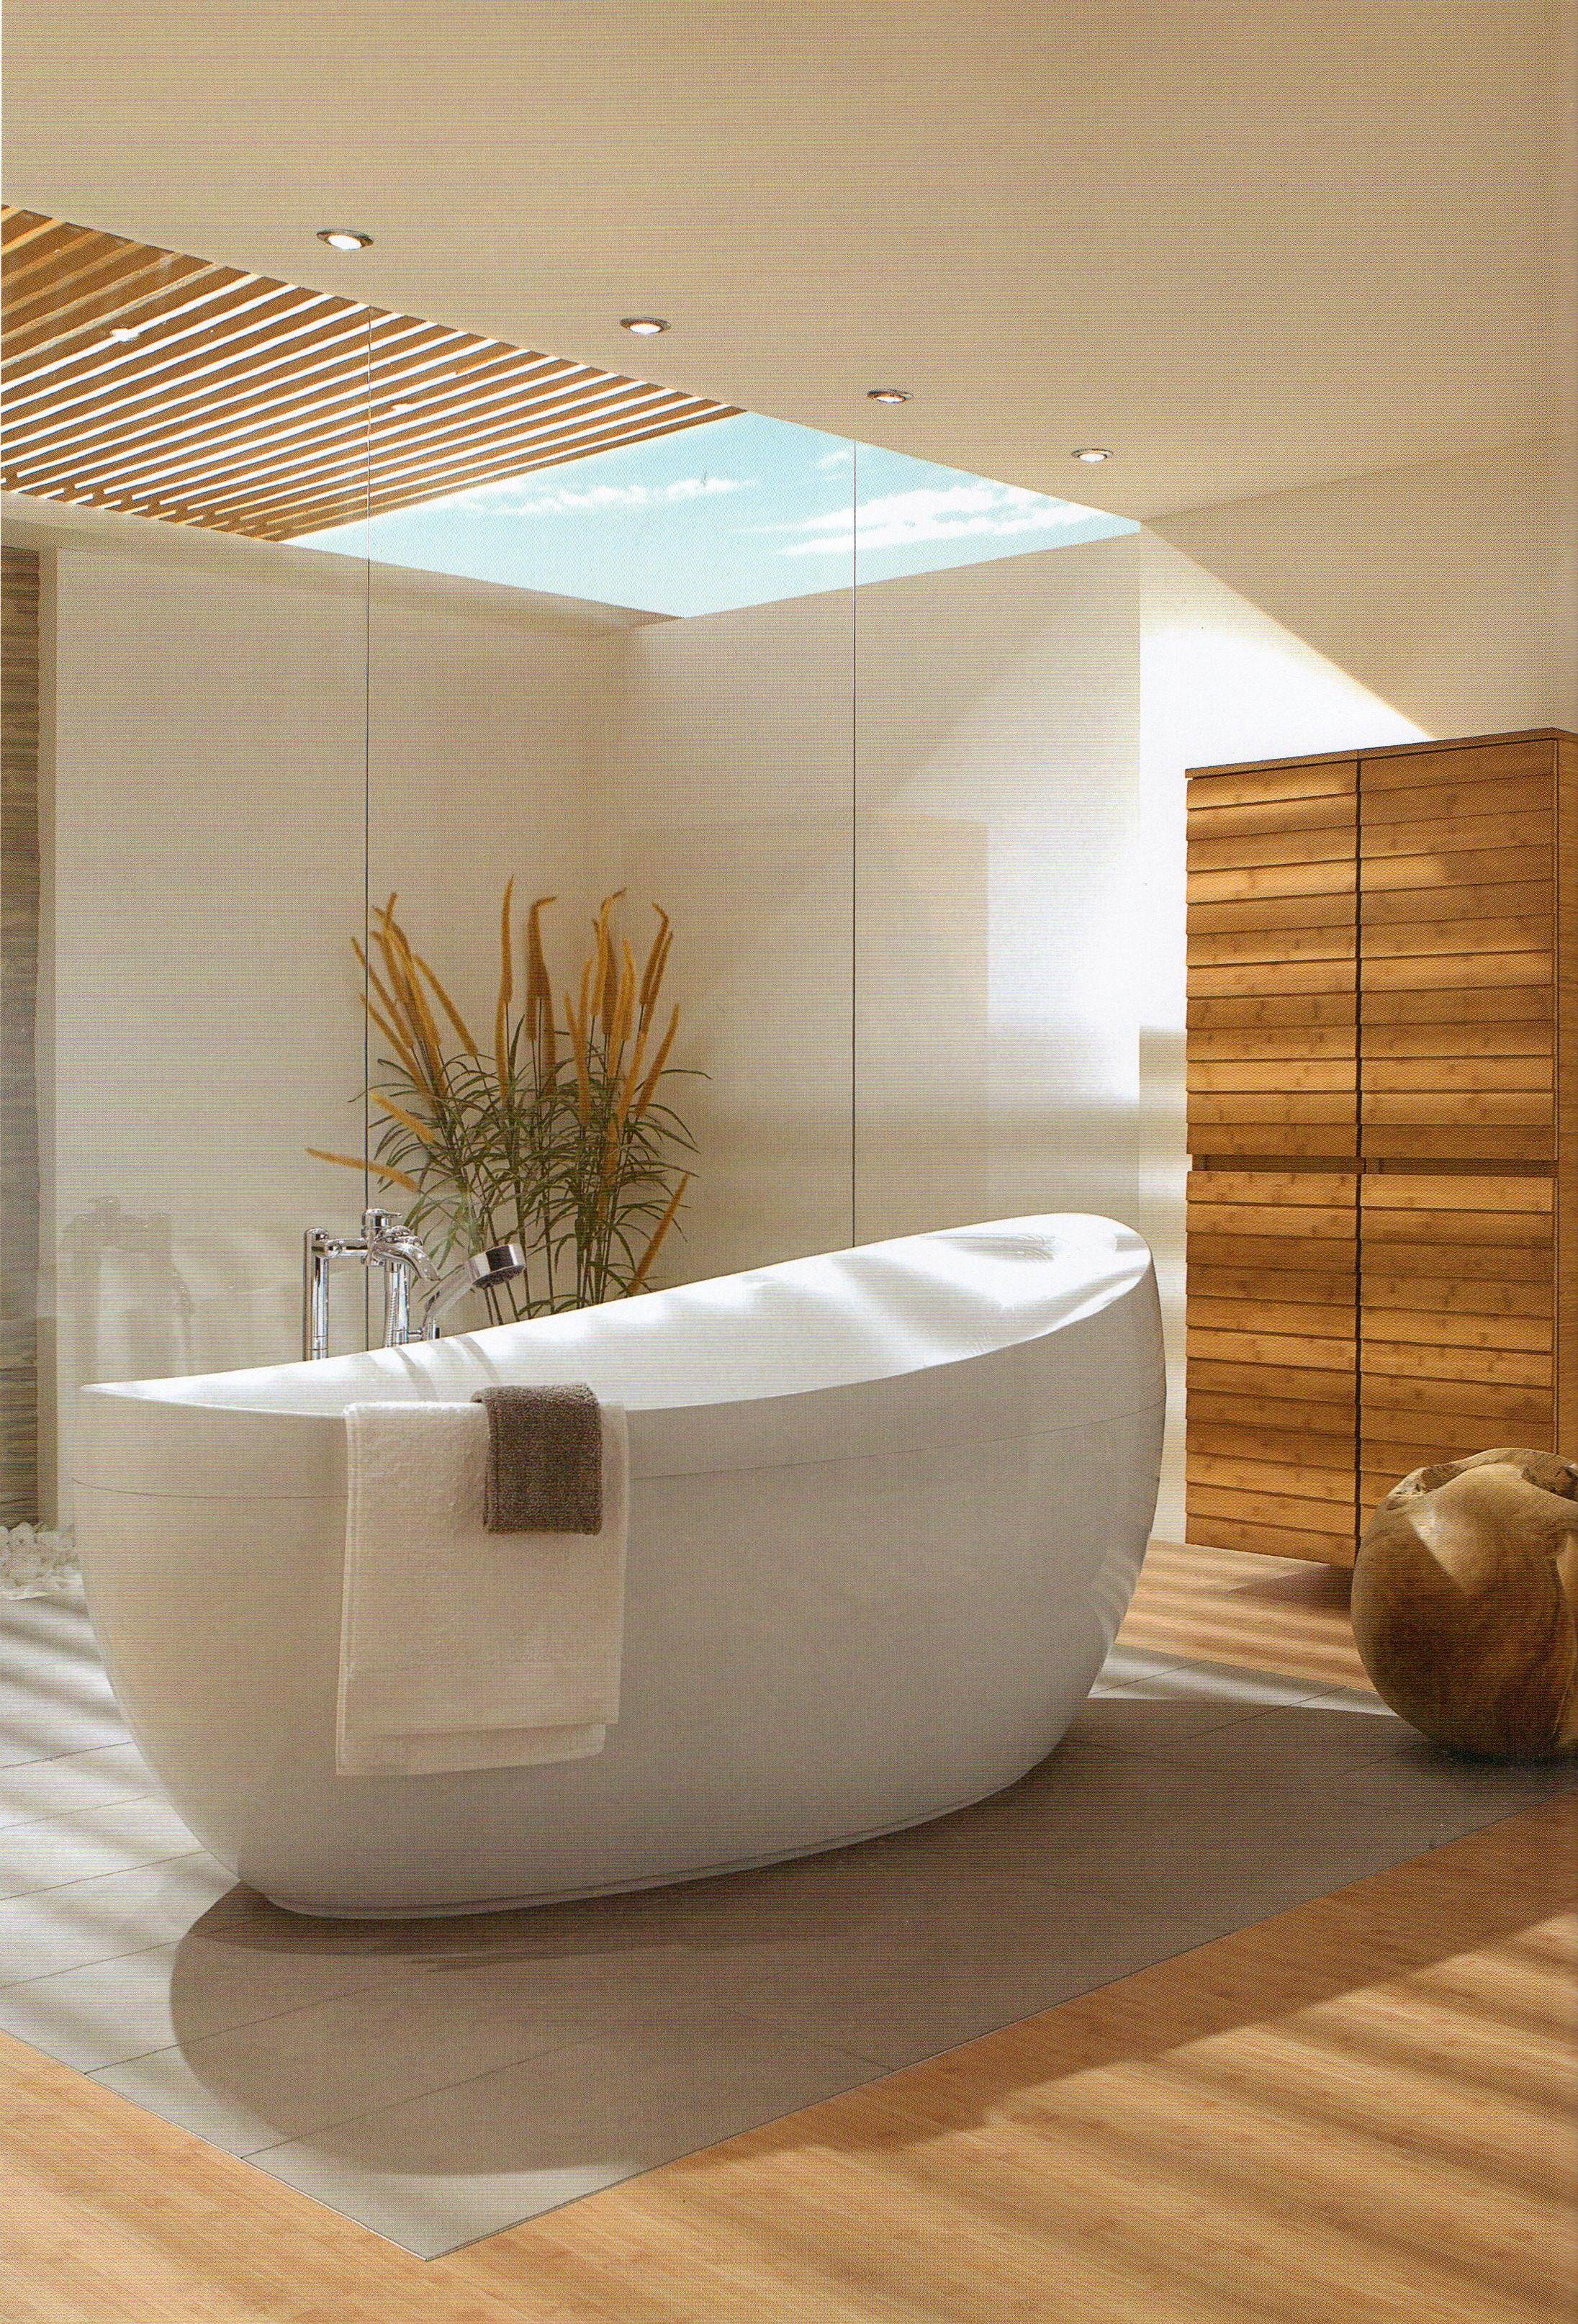 Modern Bathroom Design Product By Villeroy And Boch Diseno De Banos